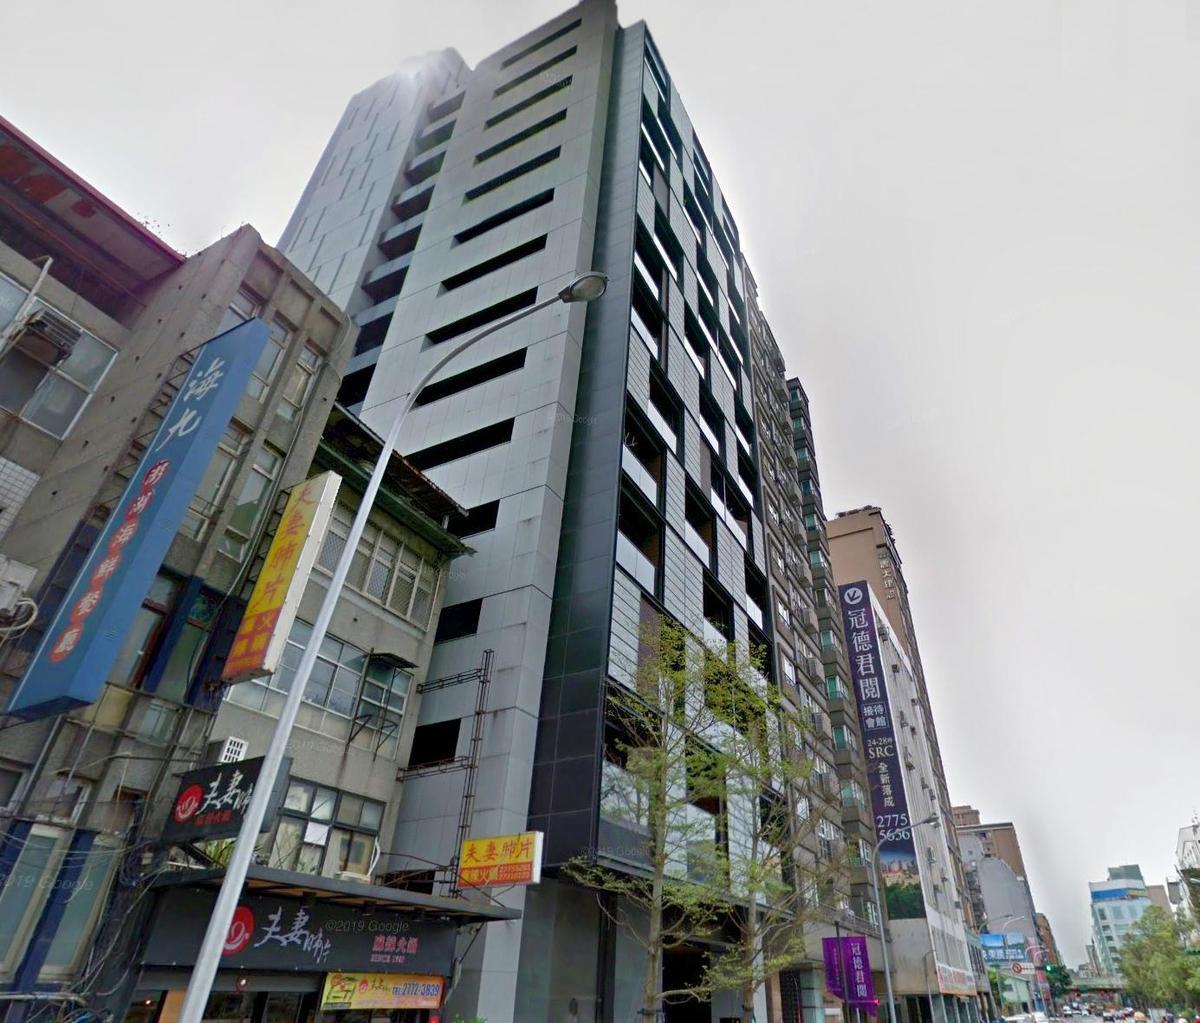 宋芸樺最近又換了新居,「冠德君閱」每坪單價破百萬,走的是精緻小宅路線。(翻攝自Google Map)